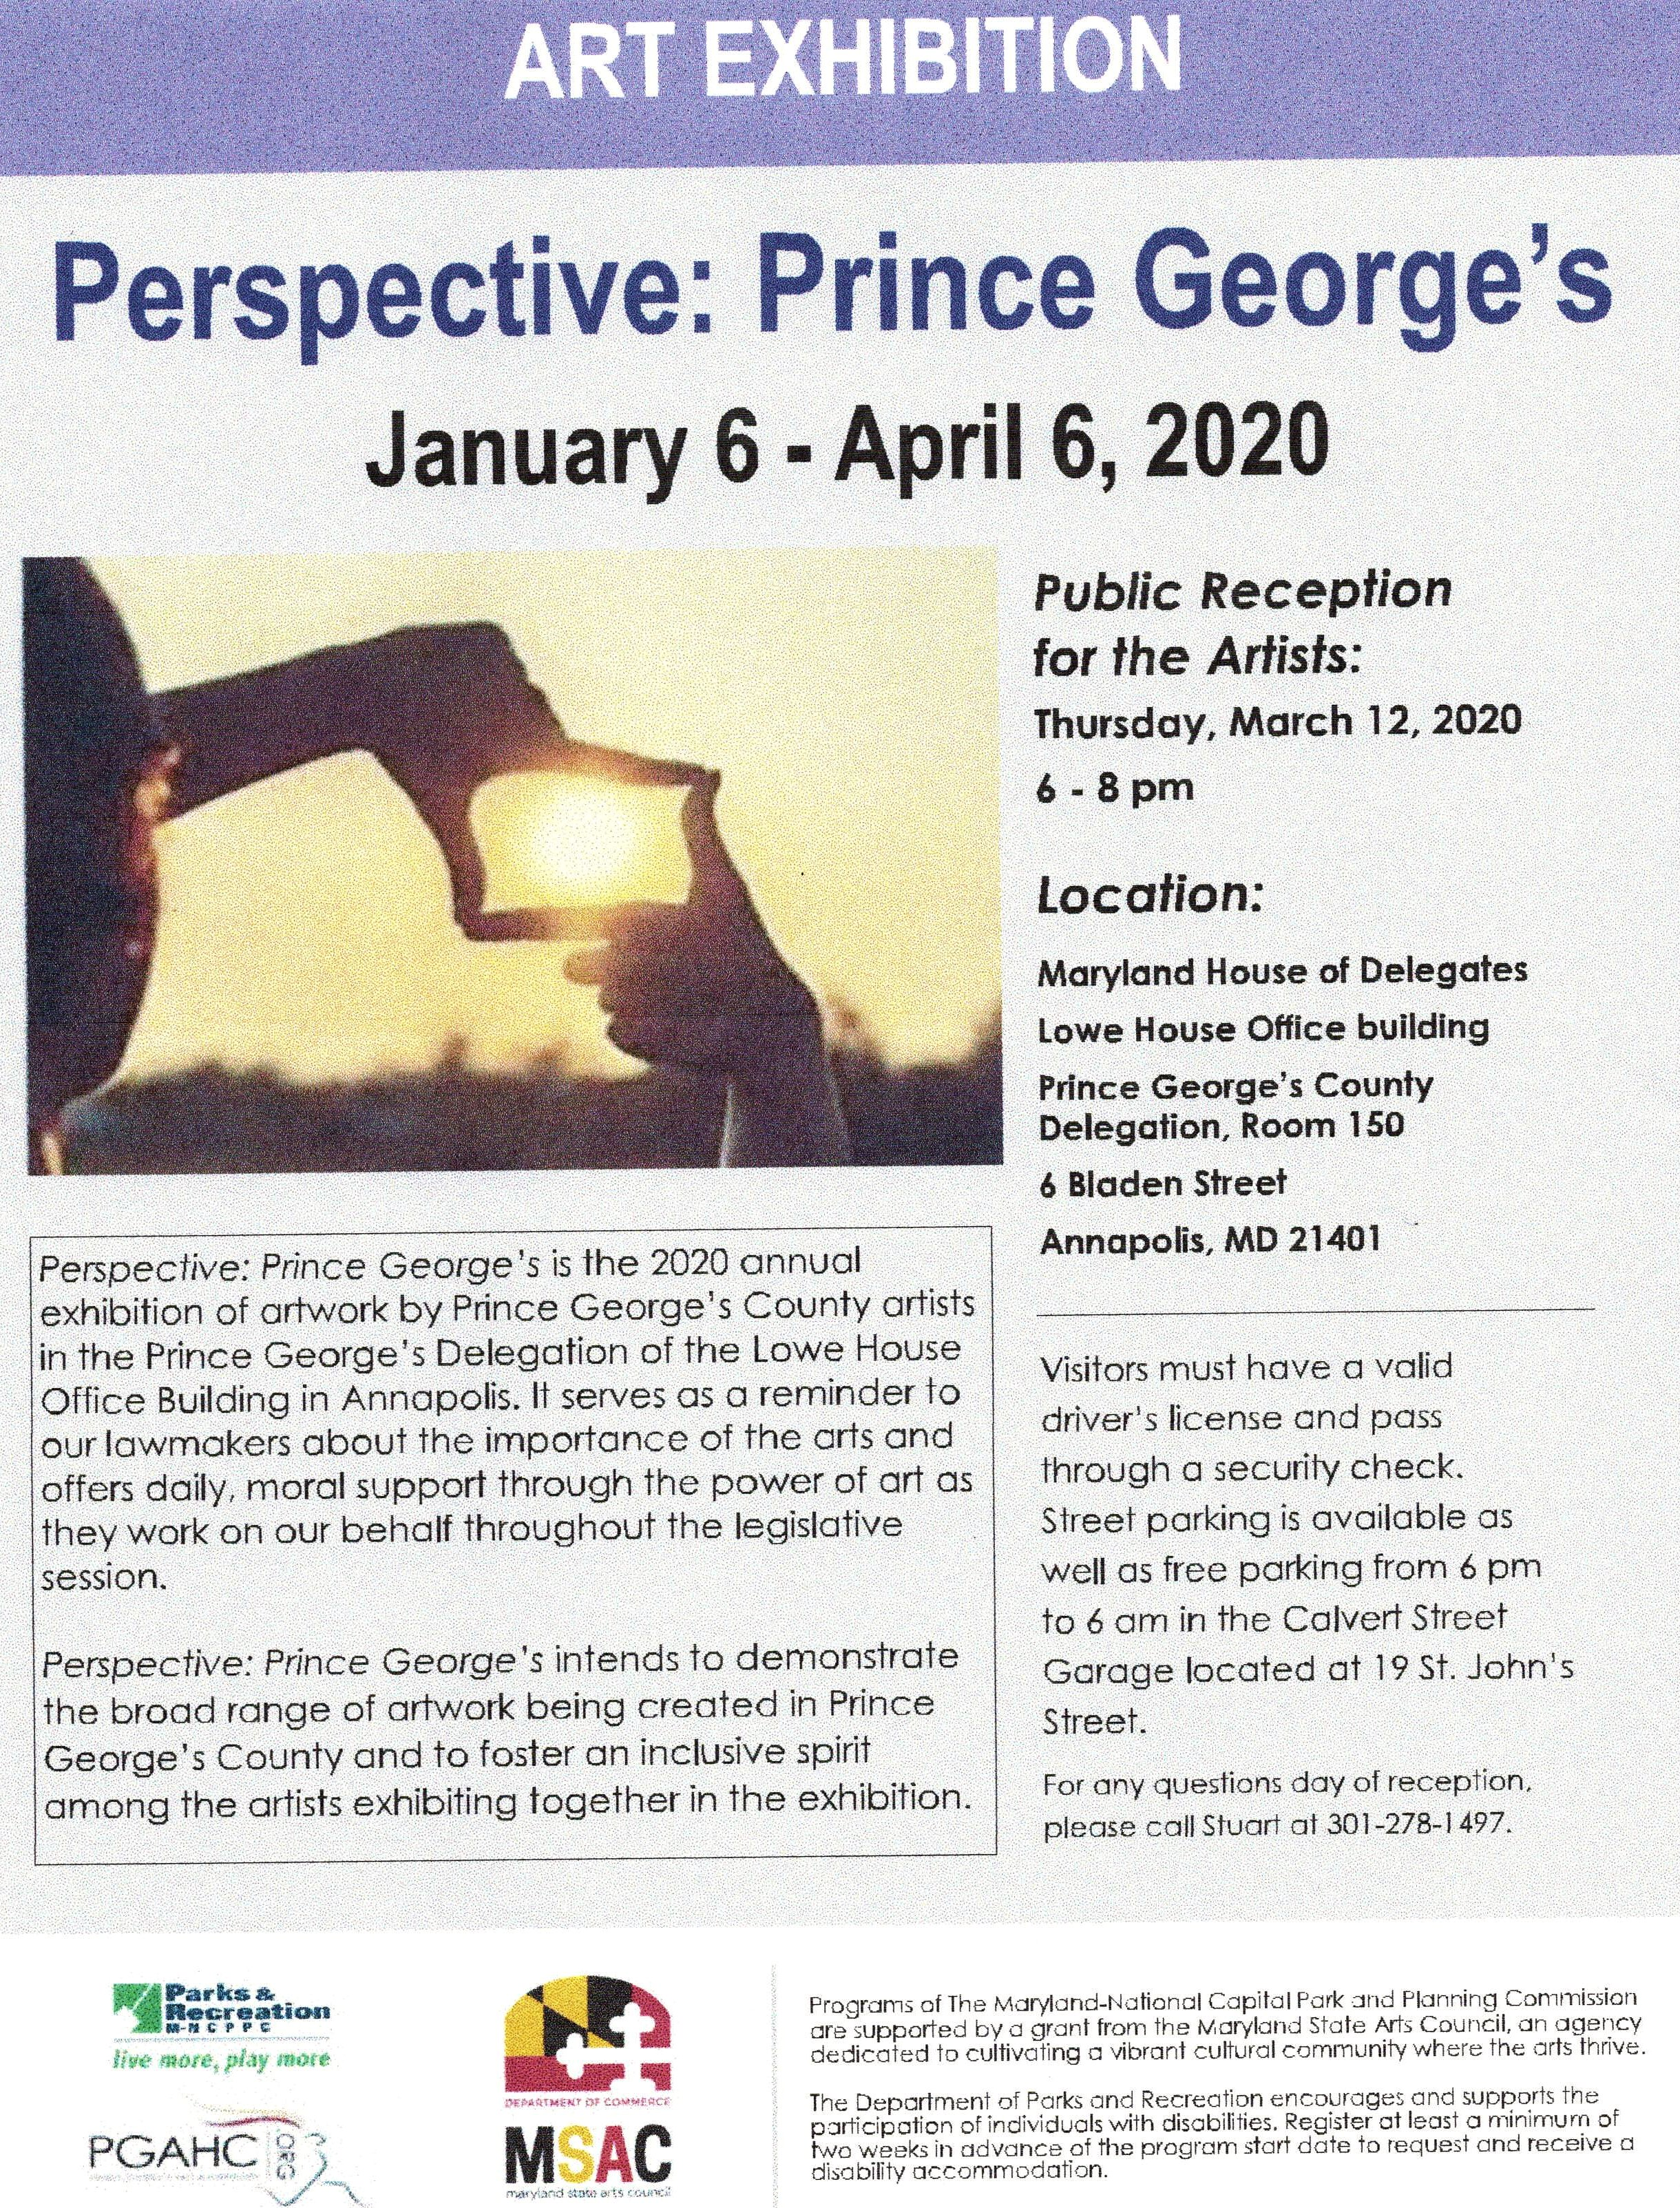 Perspective art exhibit